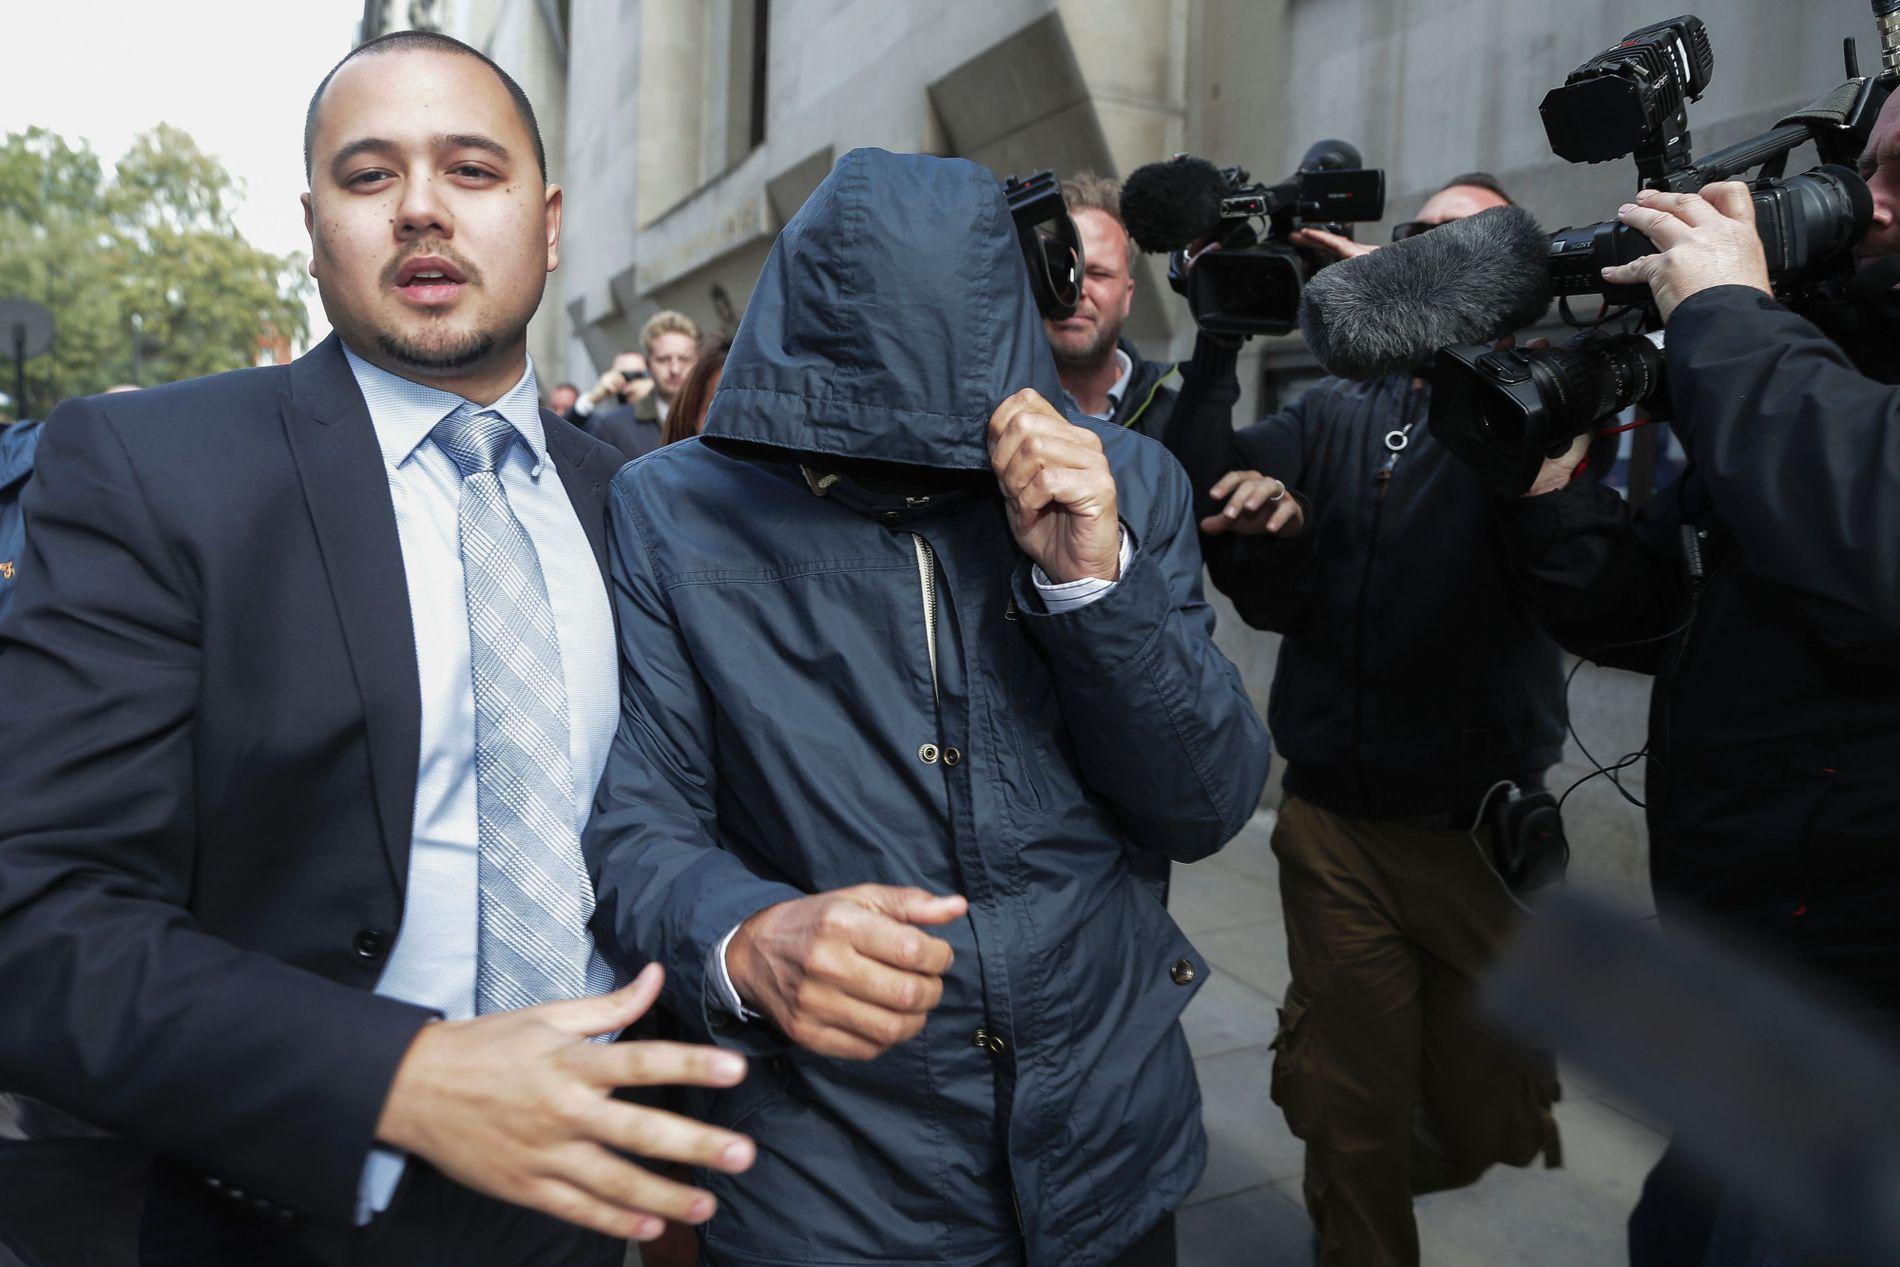 GJEMTE ANSIKTET: Tabloidjournalisten Mazher Mahmood (midten) dekket til ansiktet sitt med et skjerf og en hette da han ble ført ut av Old Bailey Central Criminal Court i London tidligere denne måneden.